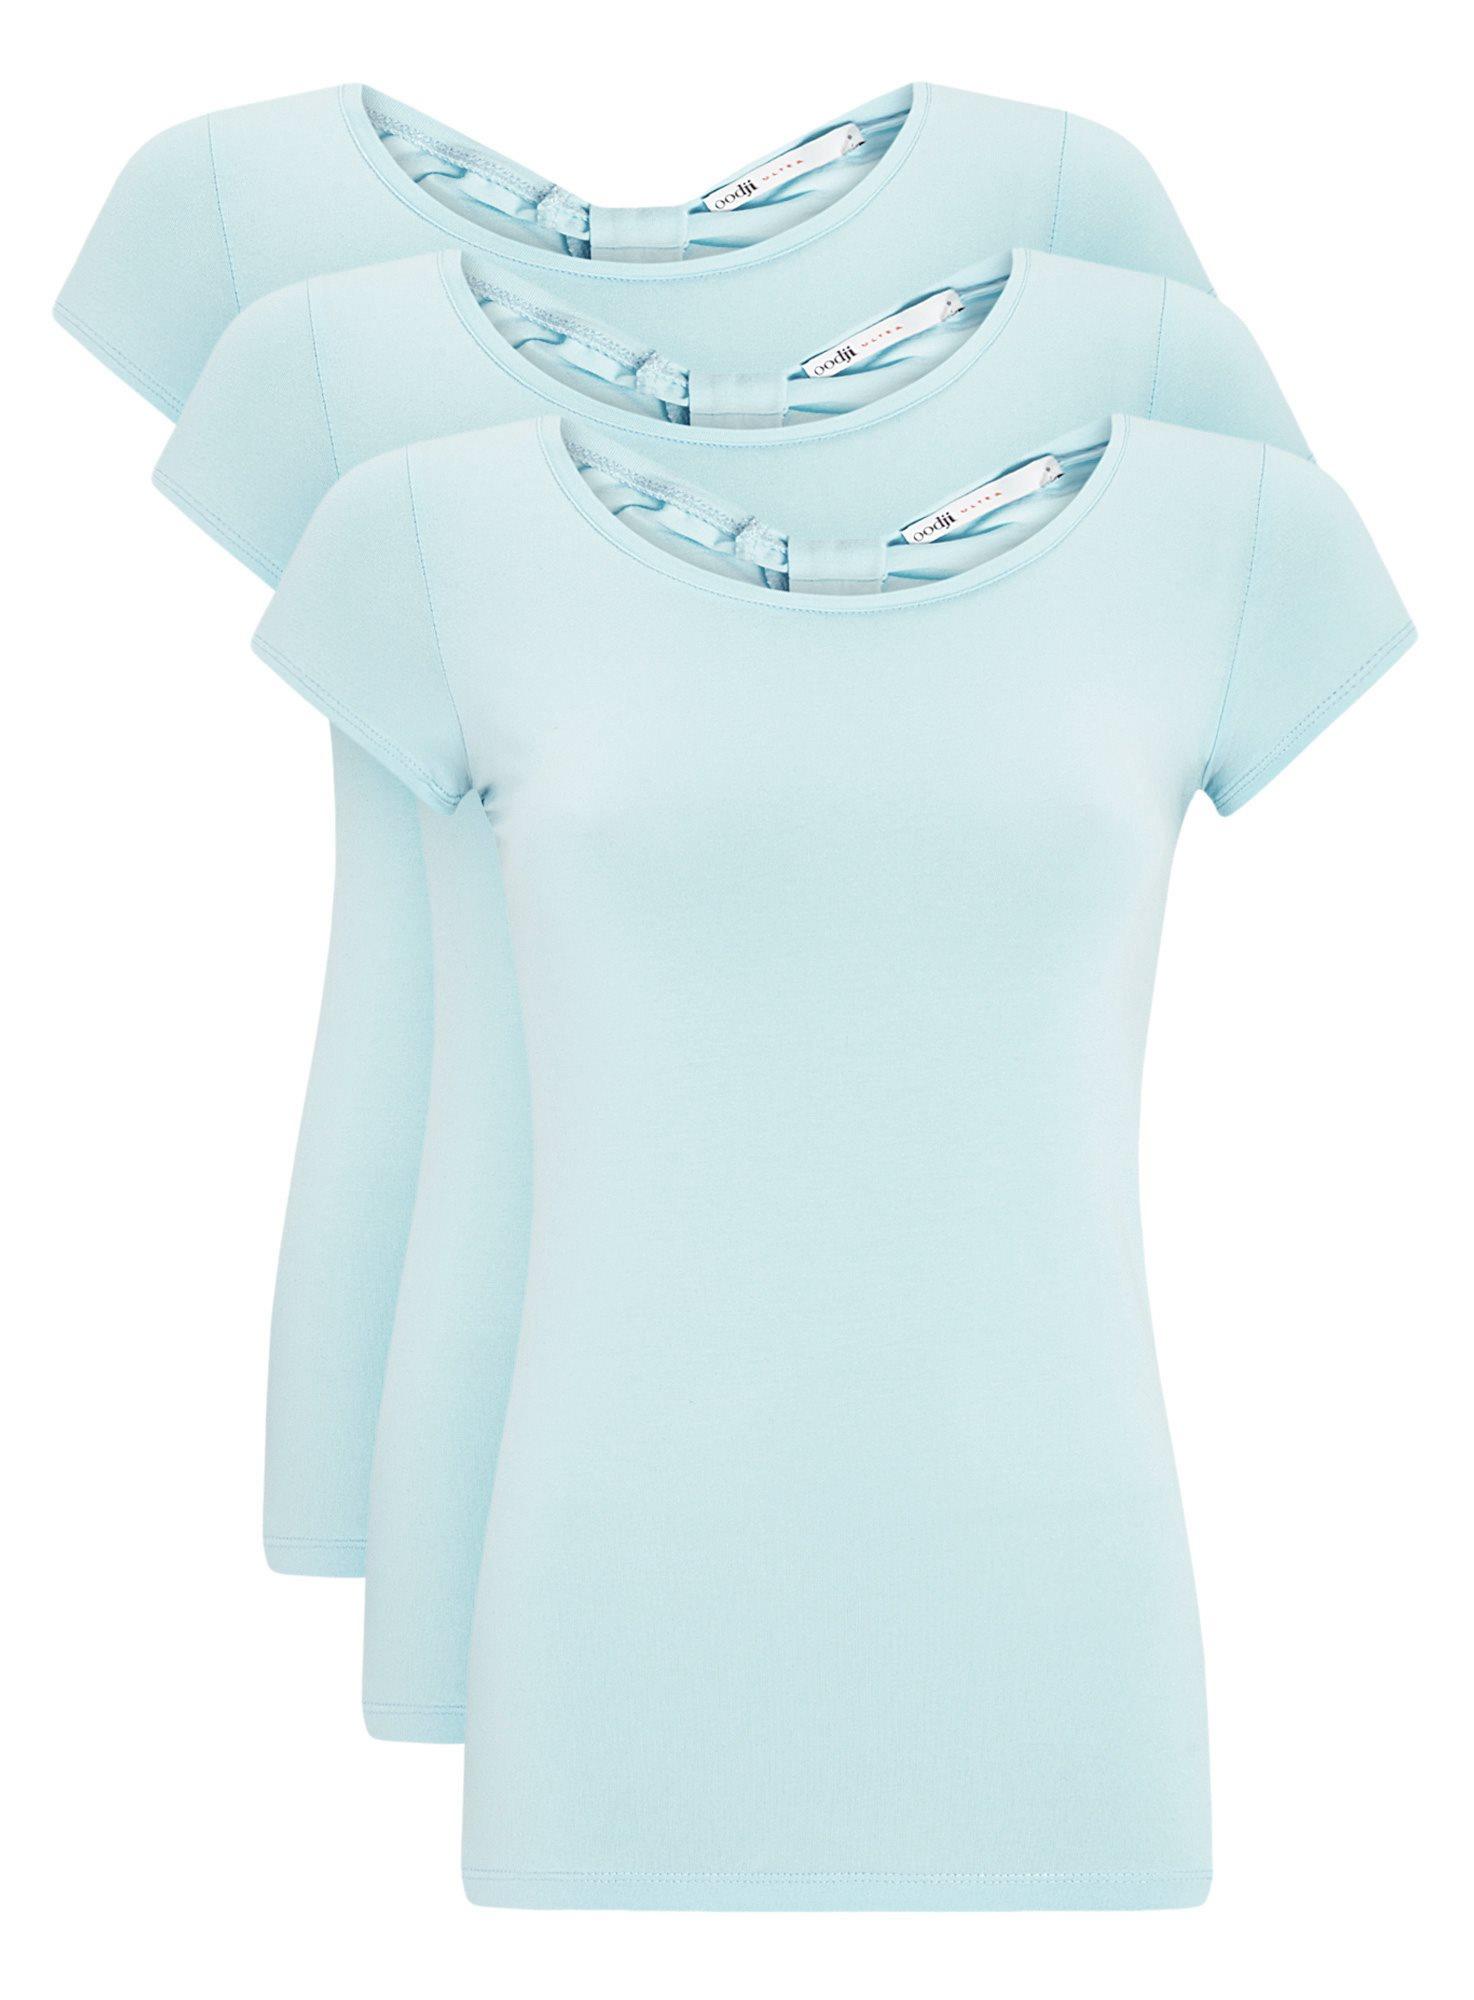 Комплект футболок с вырезом-капелькой на спине (3 штуки) oodji для женщины (синий), 14701026T3/46147/7000N